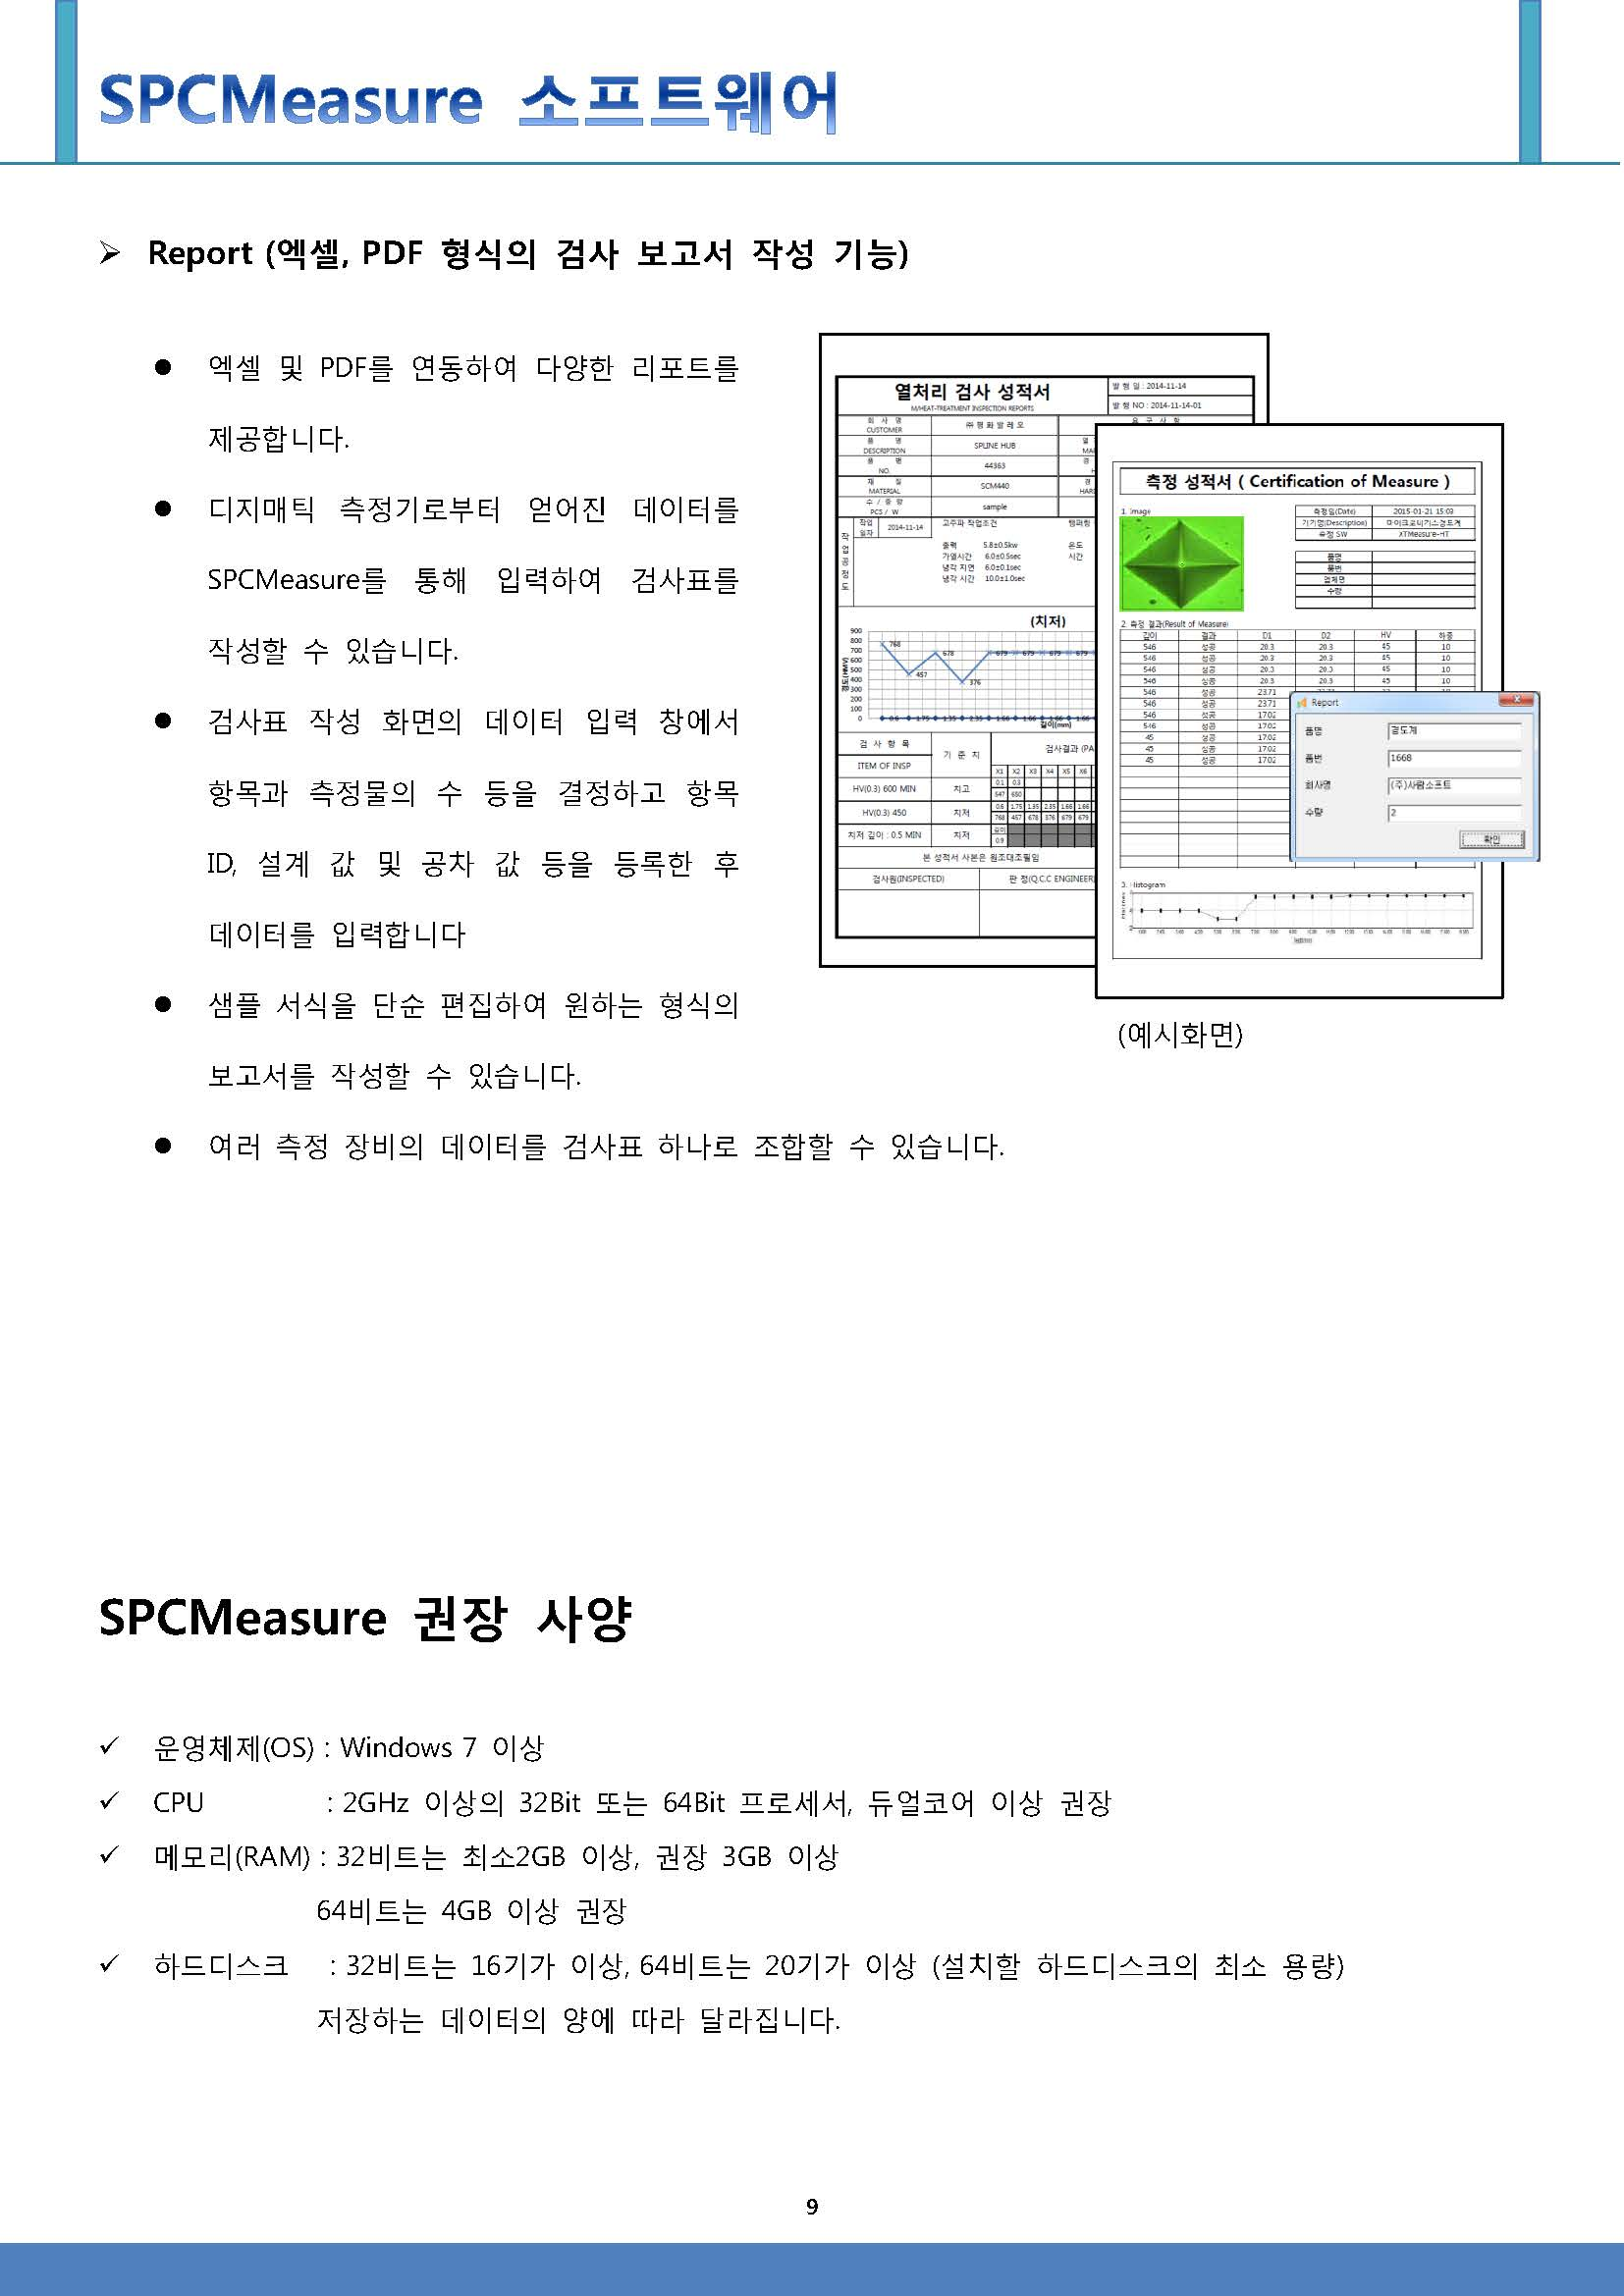 SPCMeasure1_페이지_9.jpg